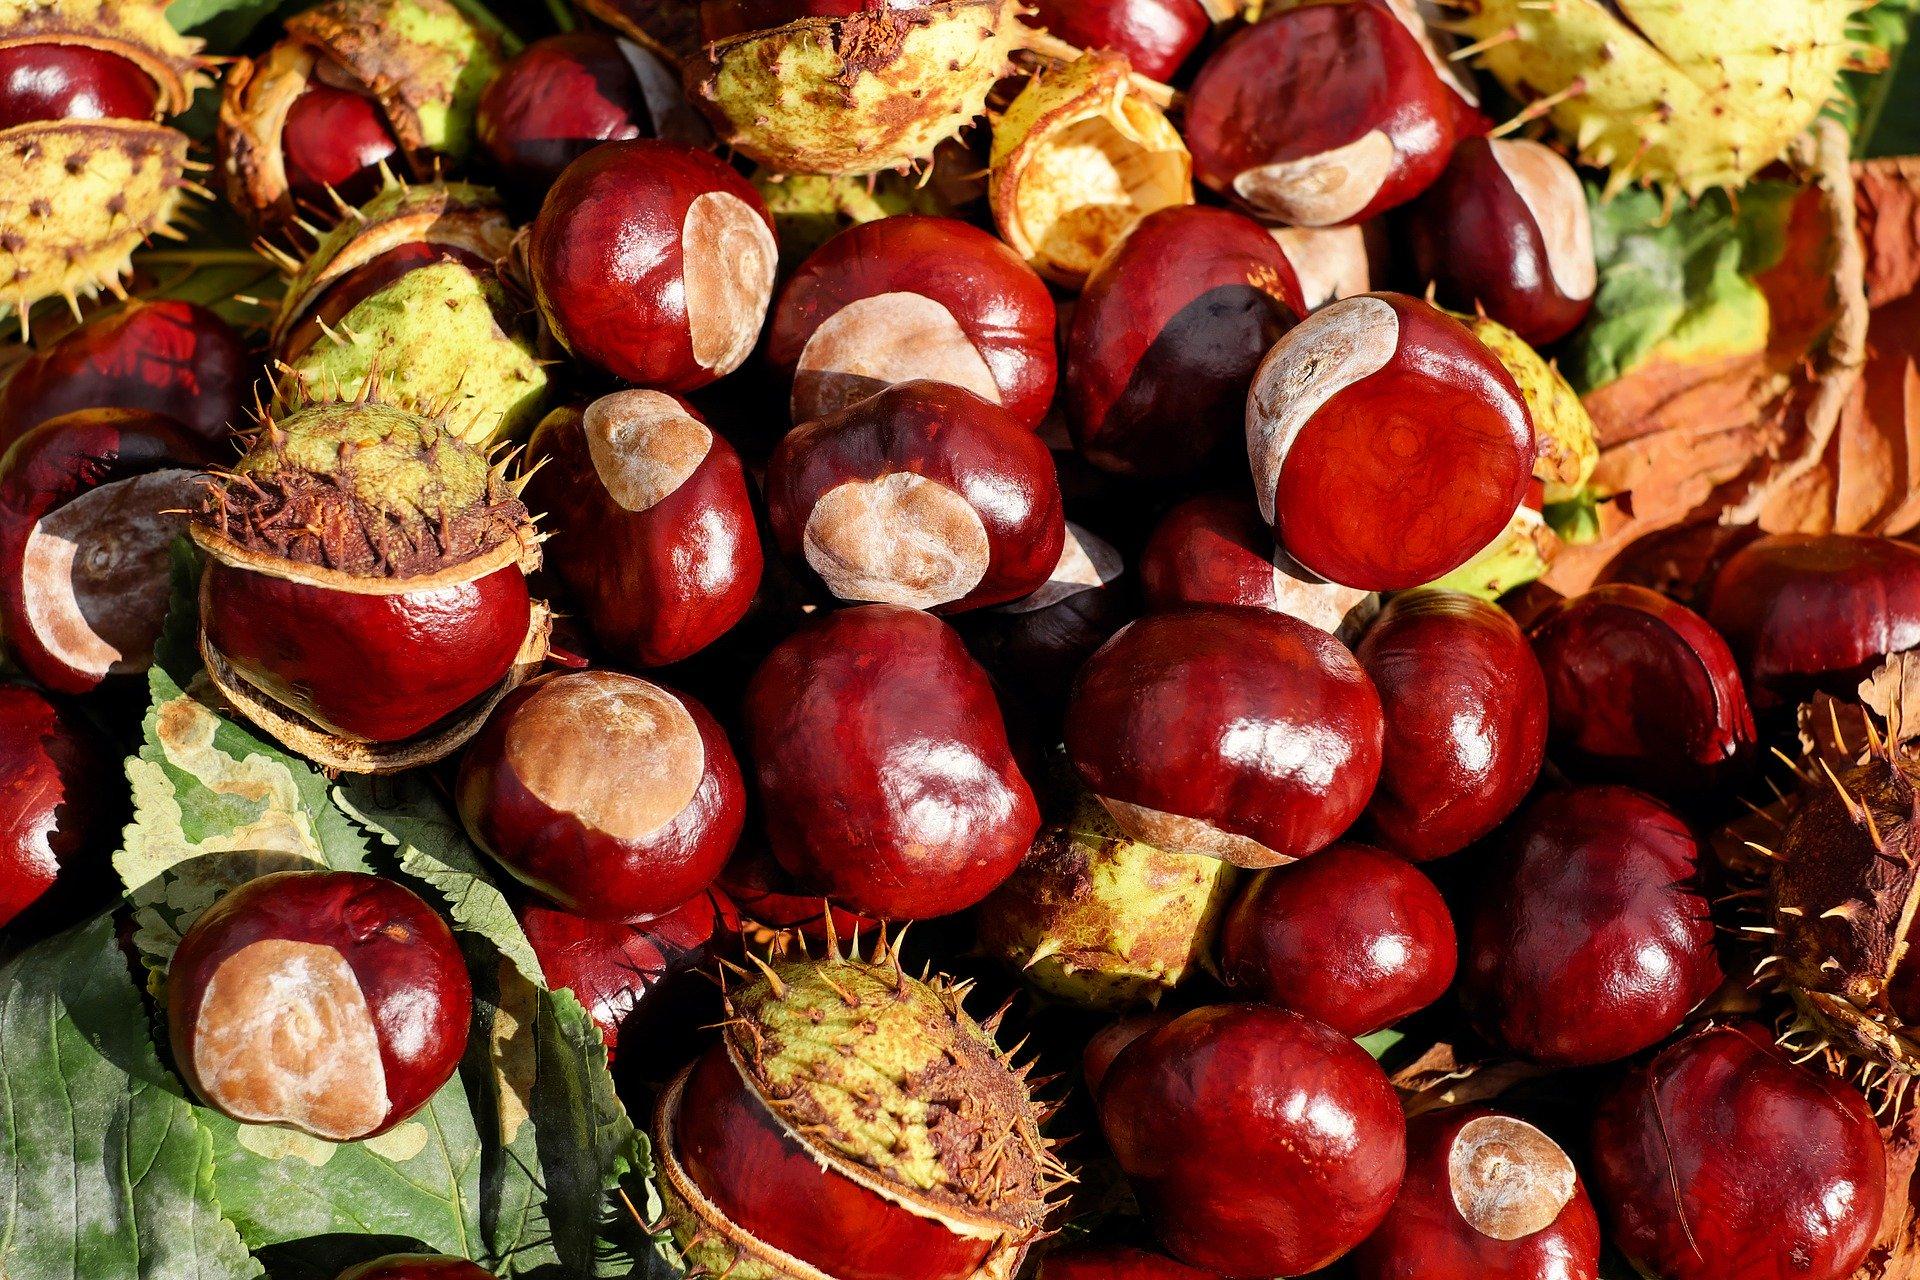 9420-chestnut-1710430-1920.jpg